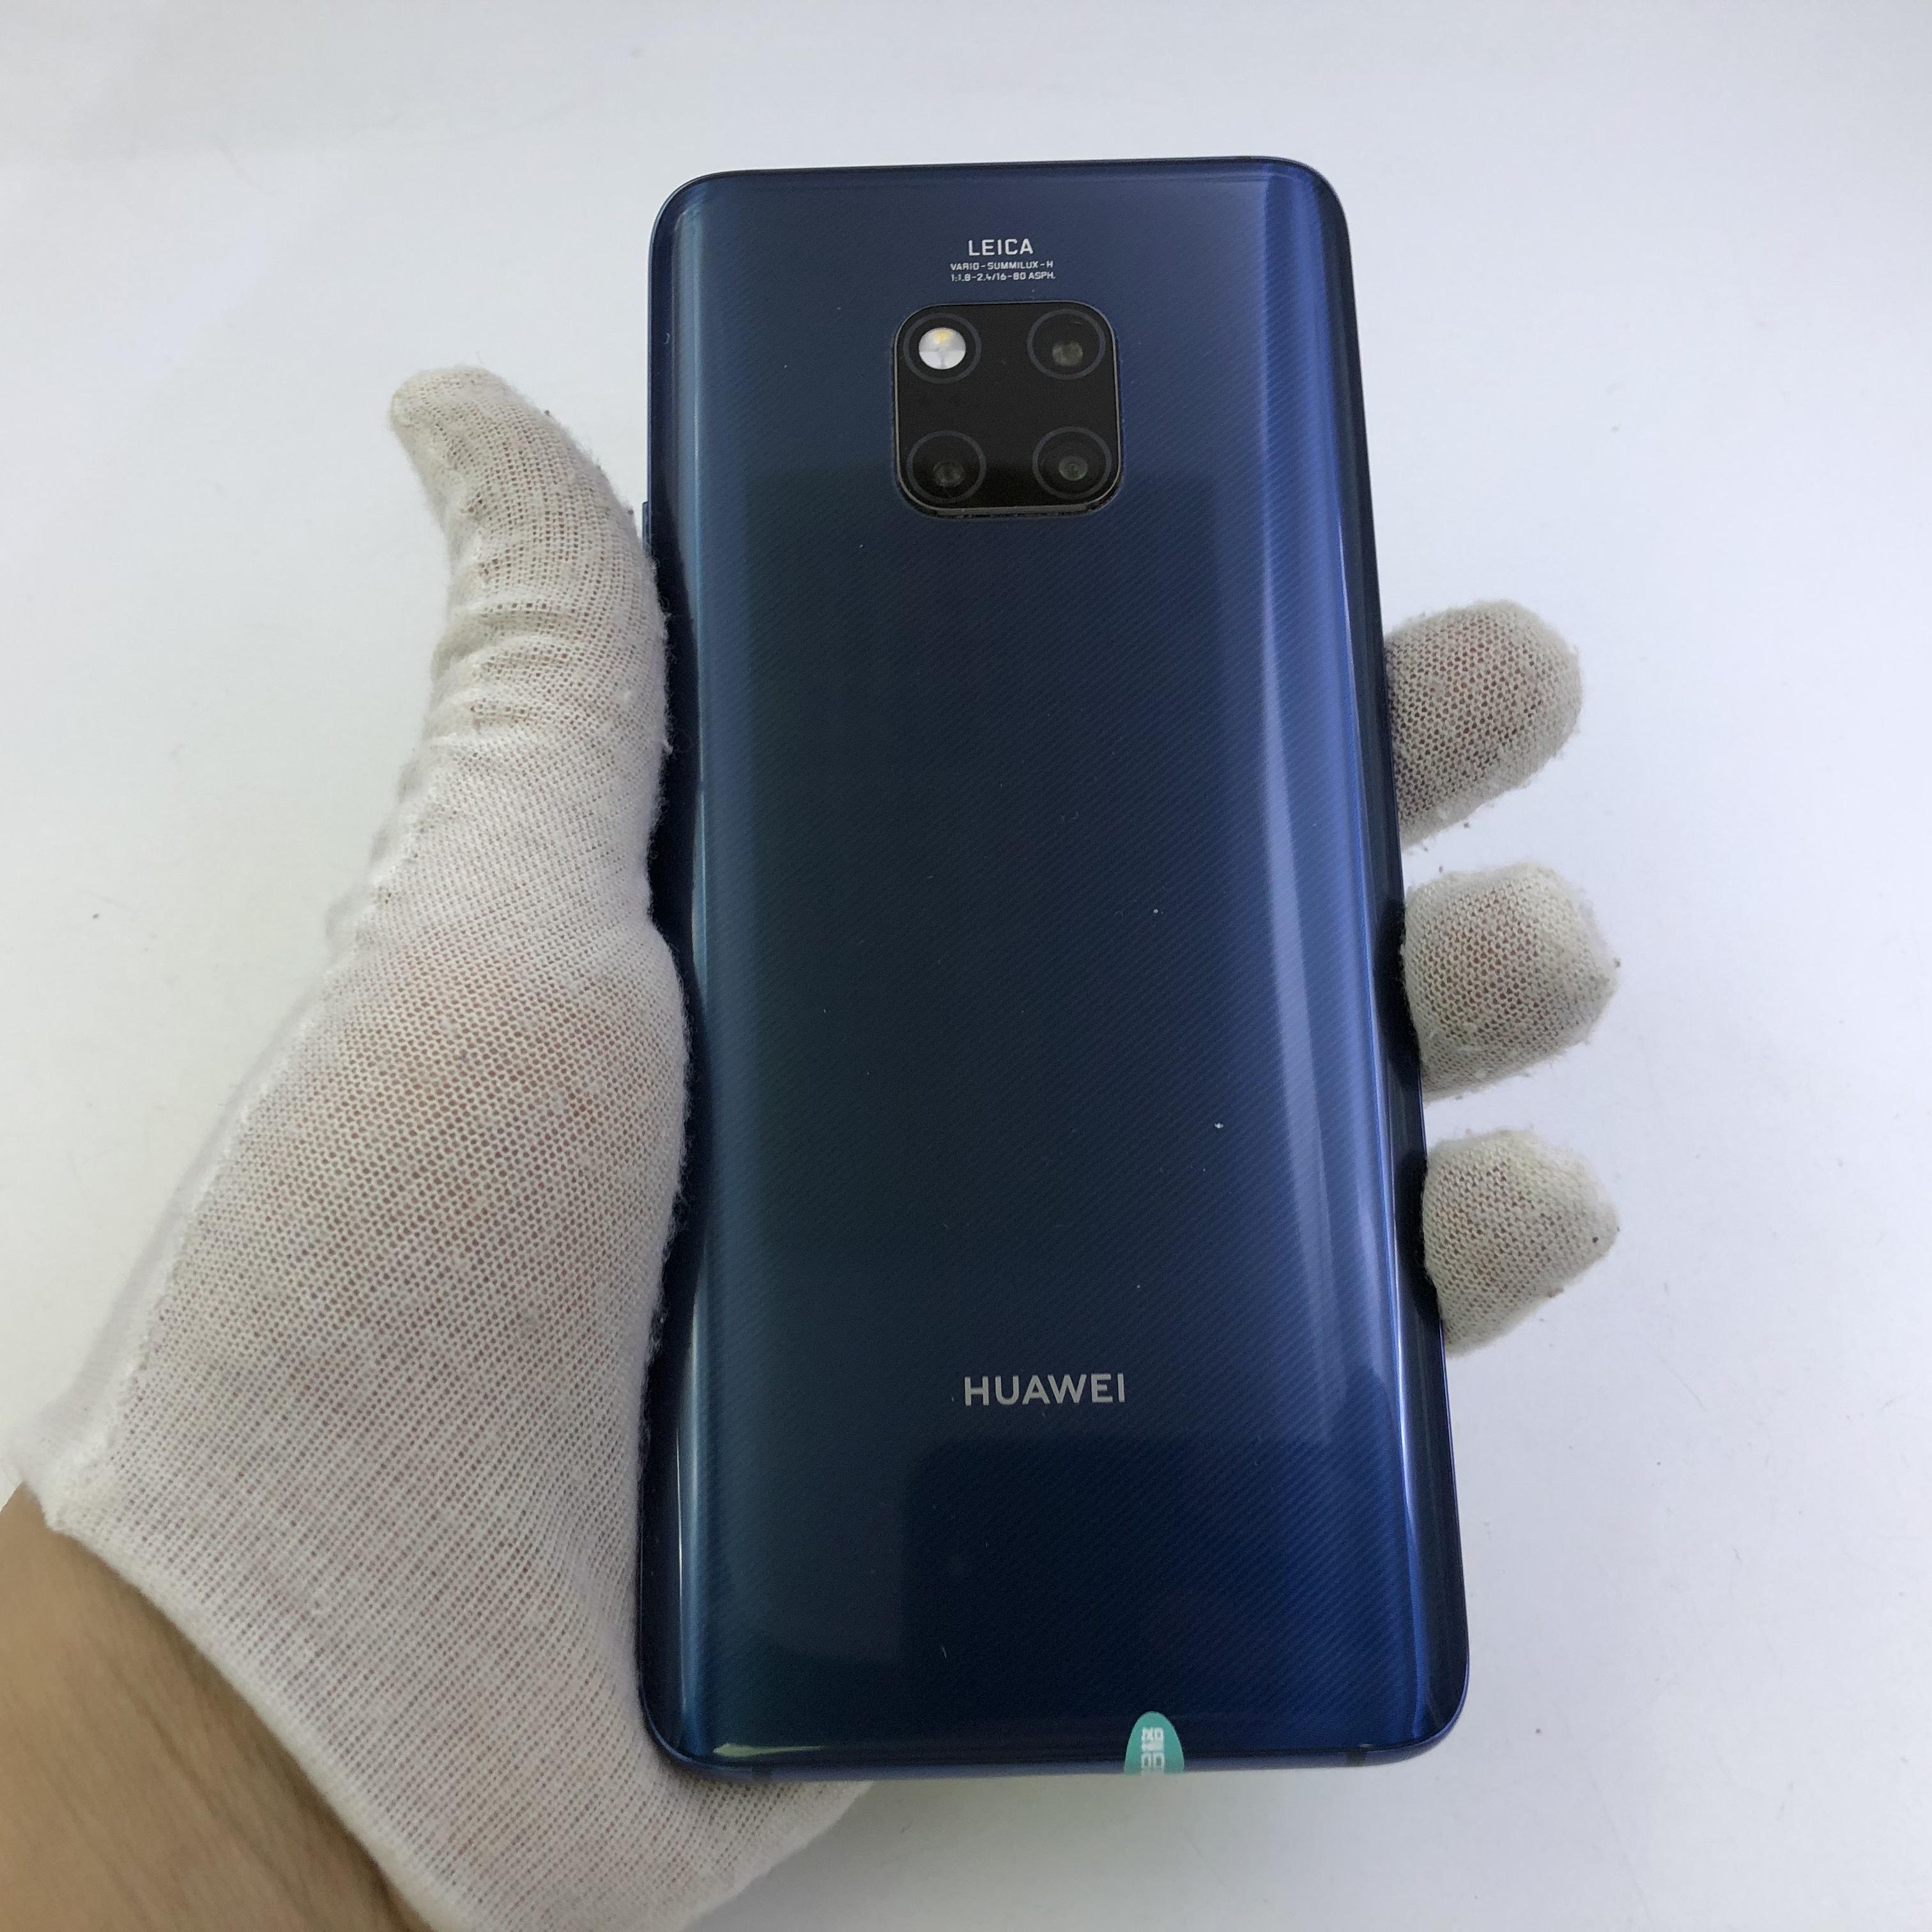 华为【Mate20 Pro】4G全网通 蓝色 6G/128G 国行 99新